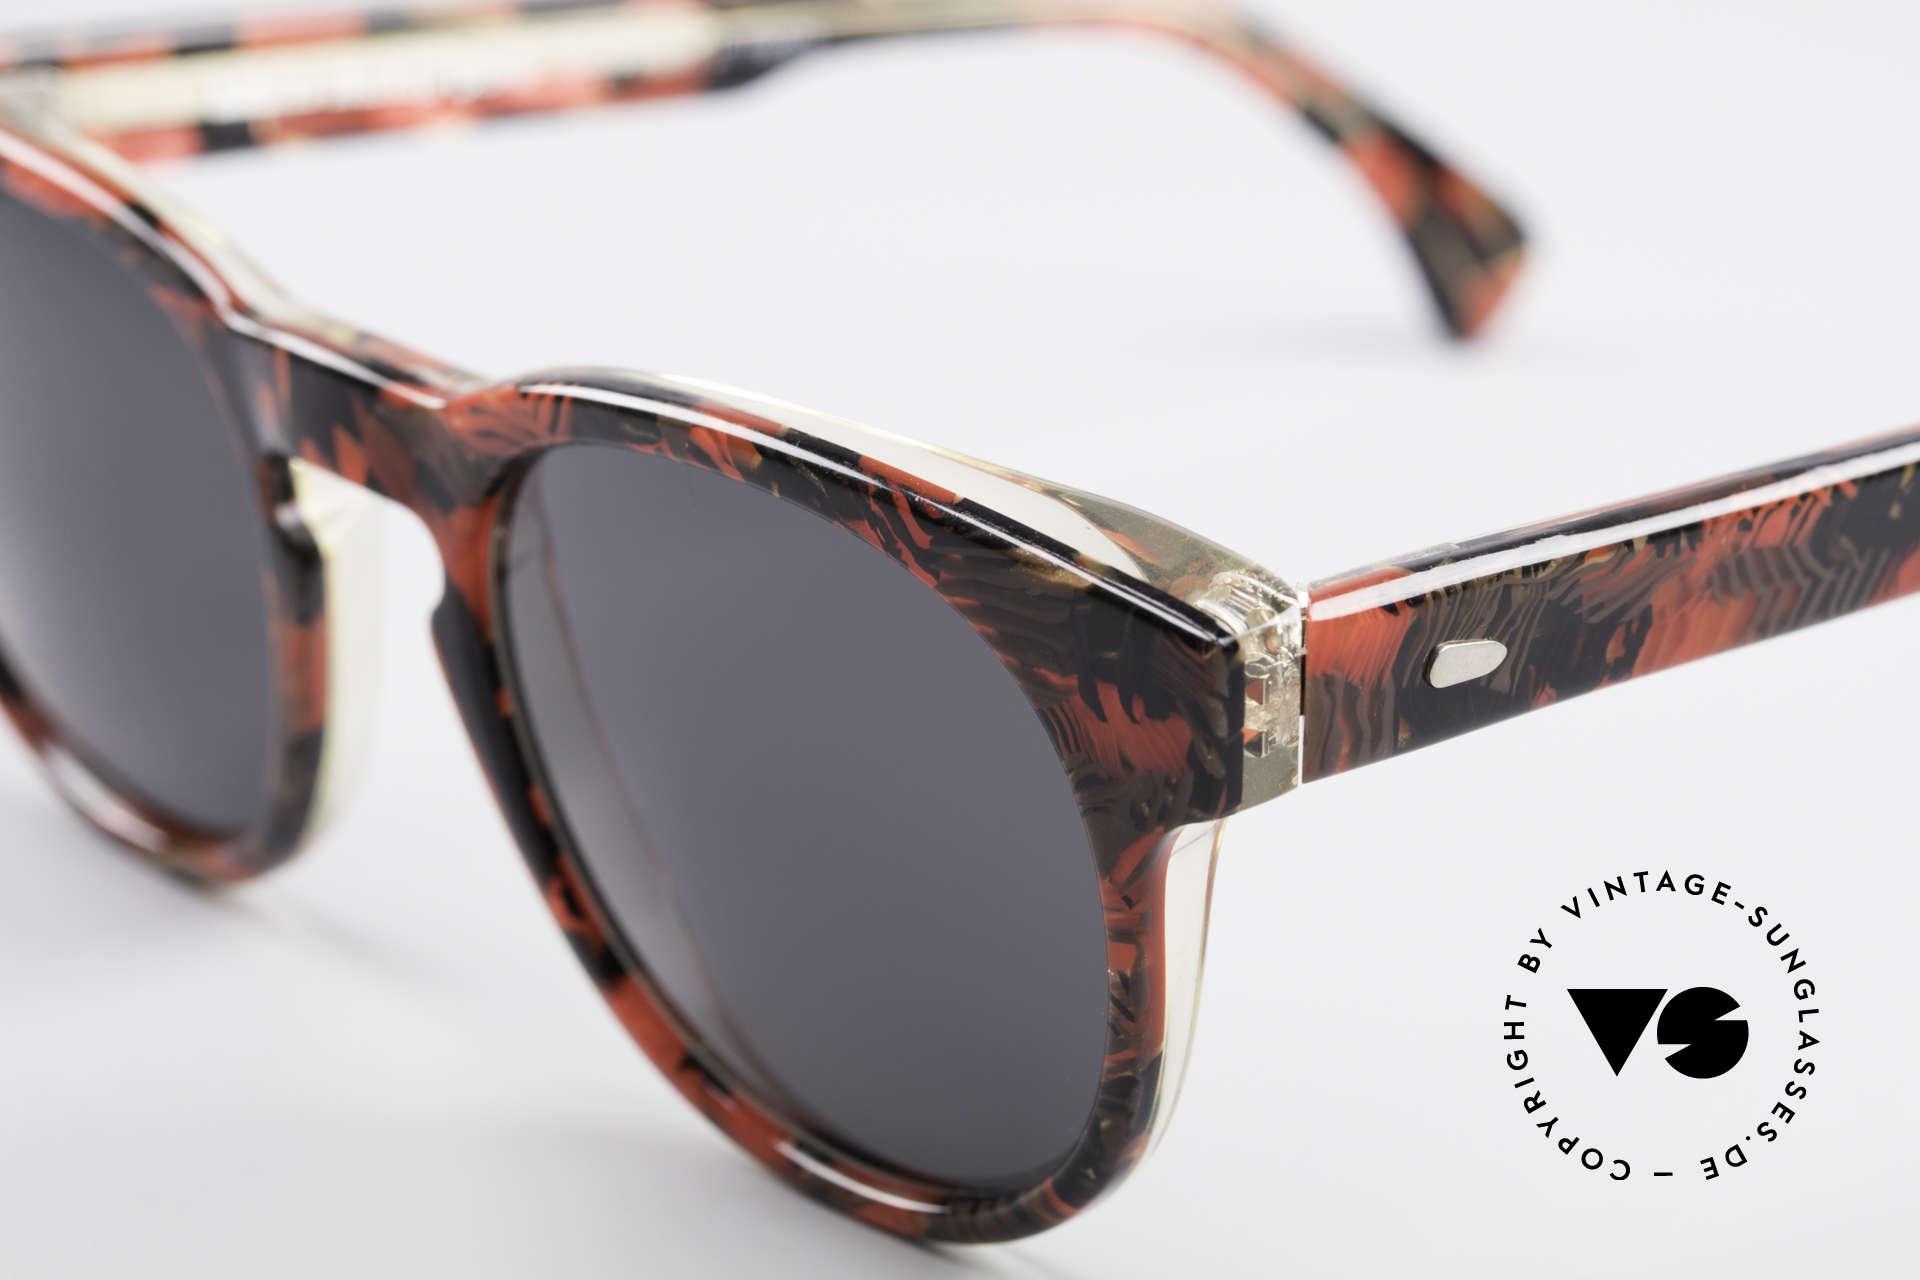 Alain Mikli 903 / 687 80er Panto Sonnenbrille Small, interessantes Farbmuster & SMALL Größe (124mm), Passend für Herren und Damen